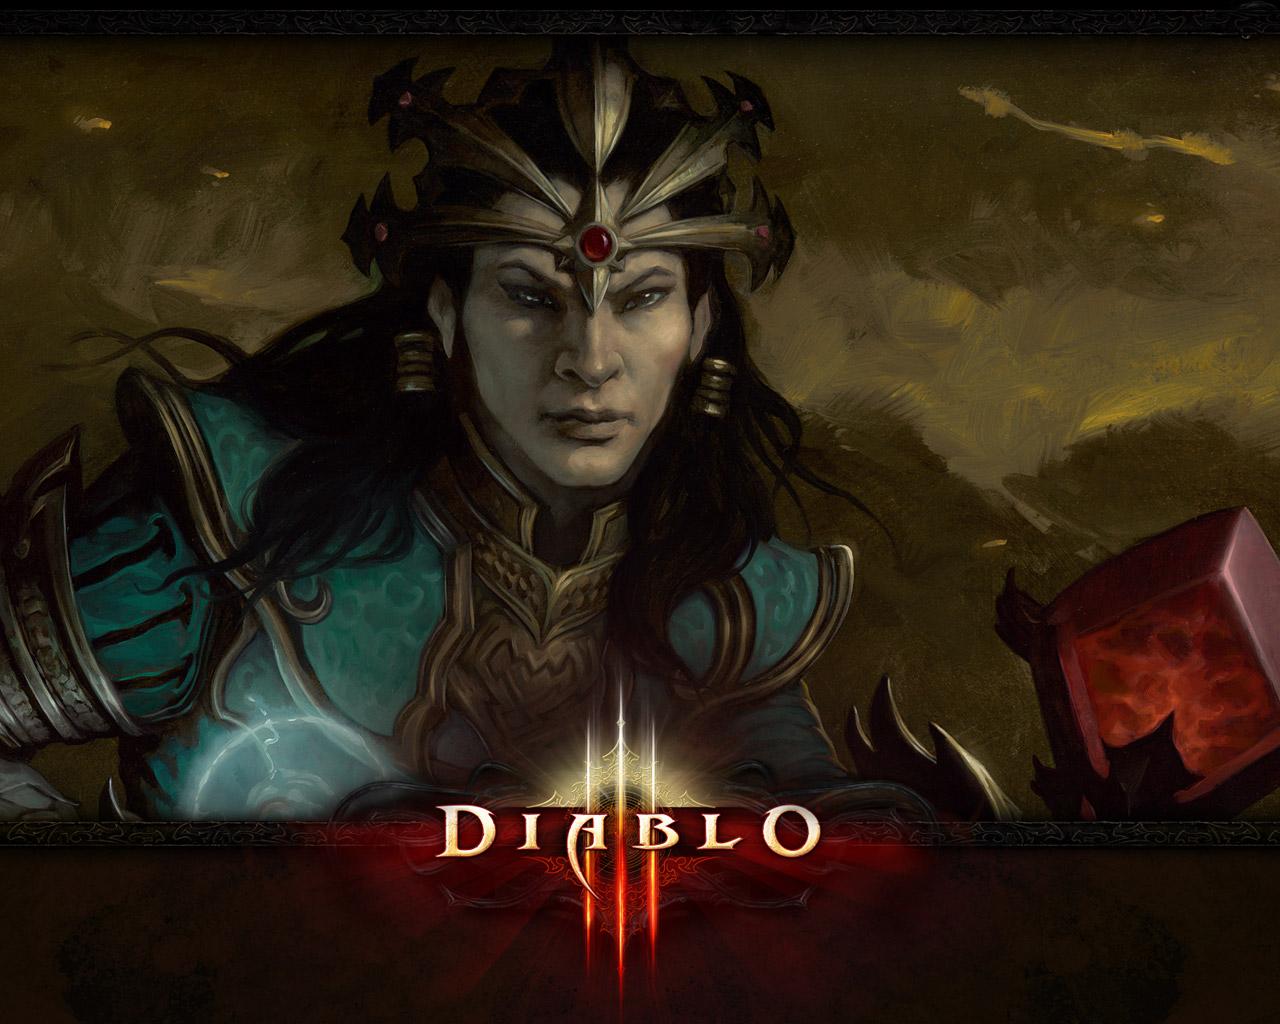 Diablo III Wallpaper in 1280x1024